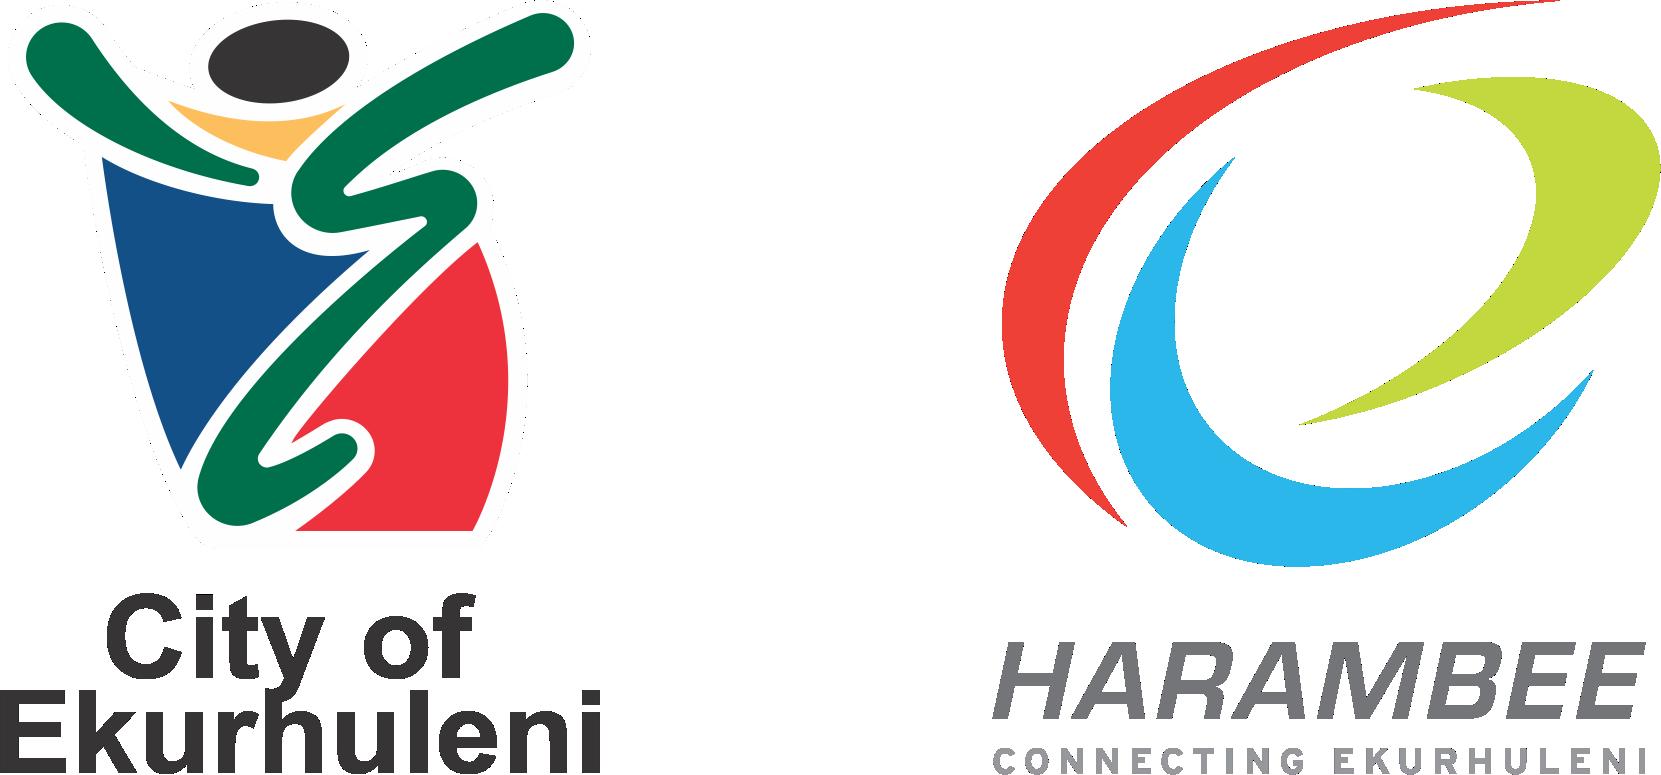 Ekuruhleni and Harambee logos